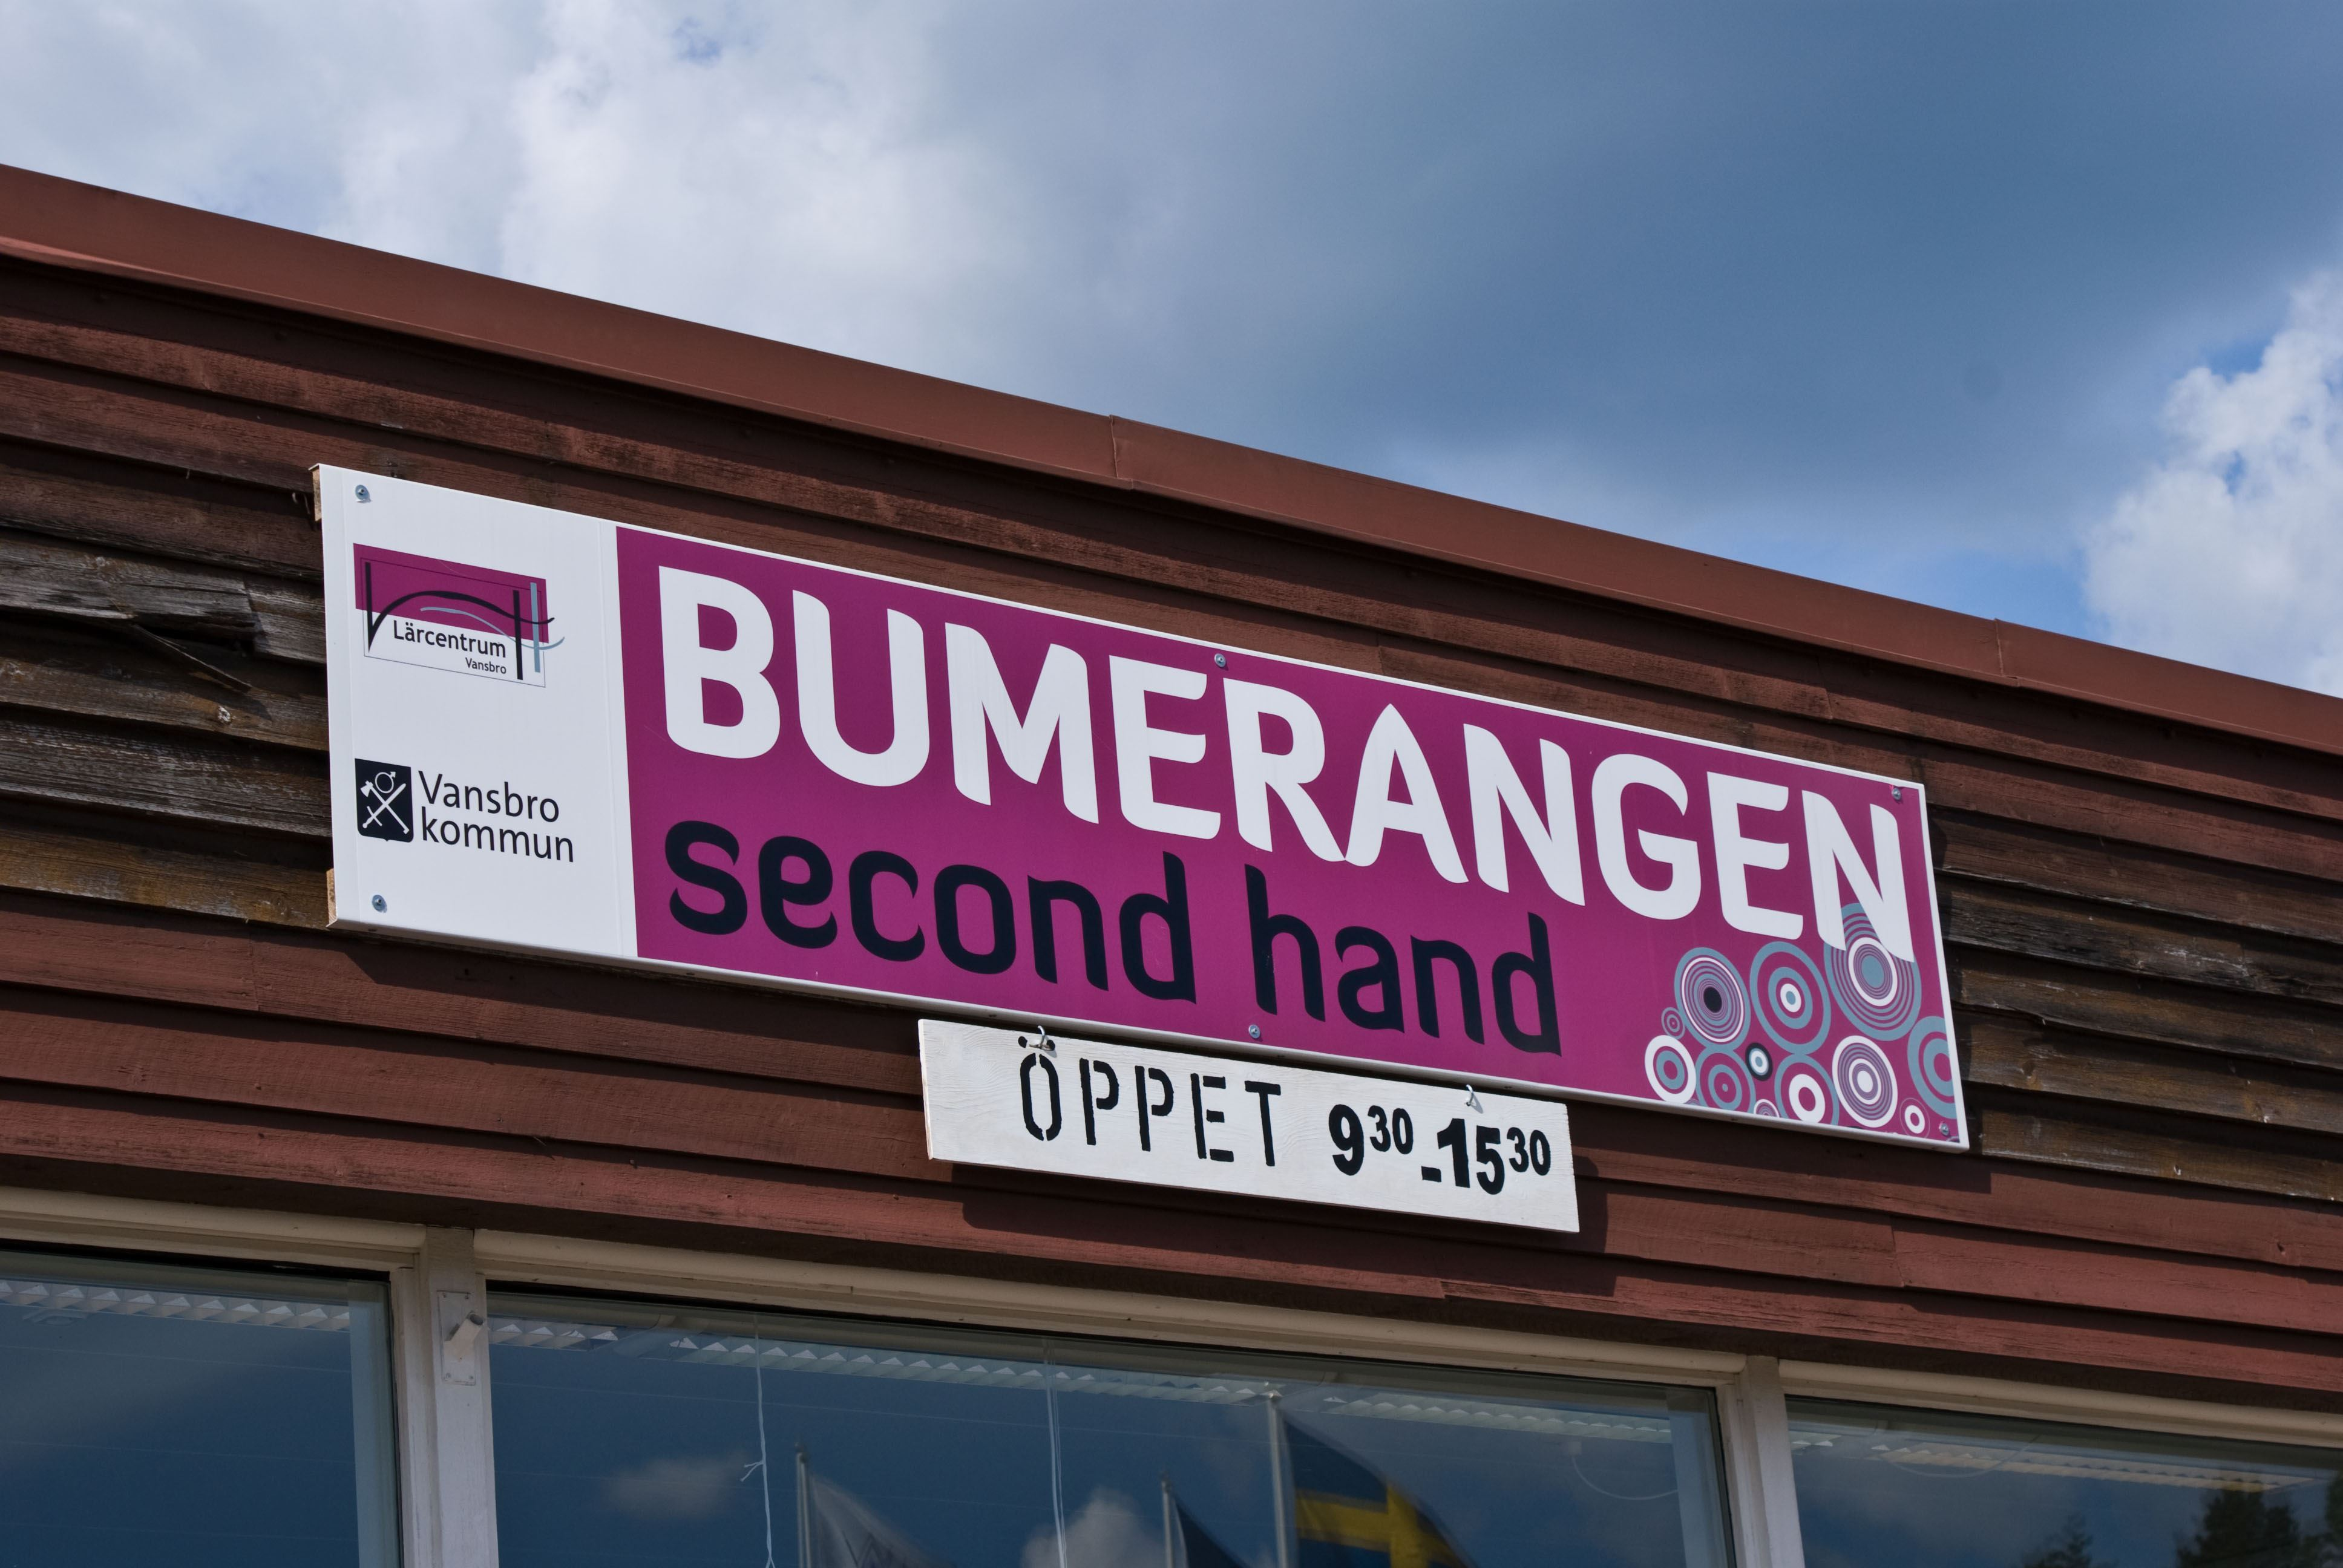 Bumerangen secondhand